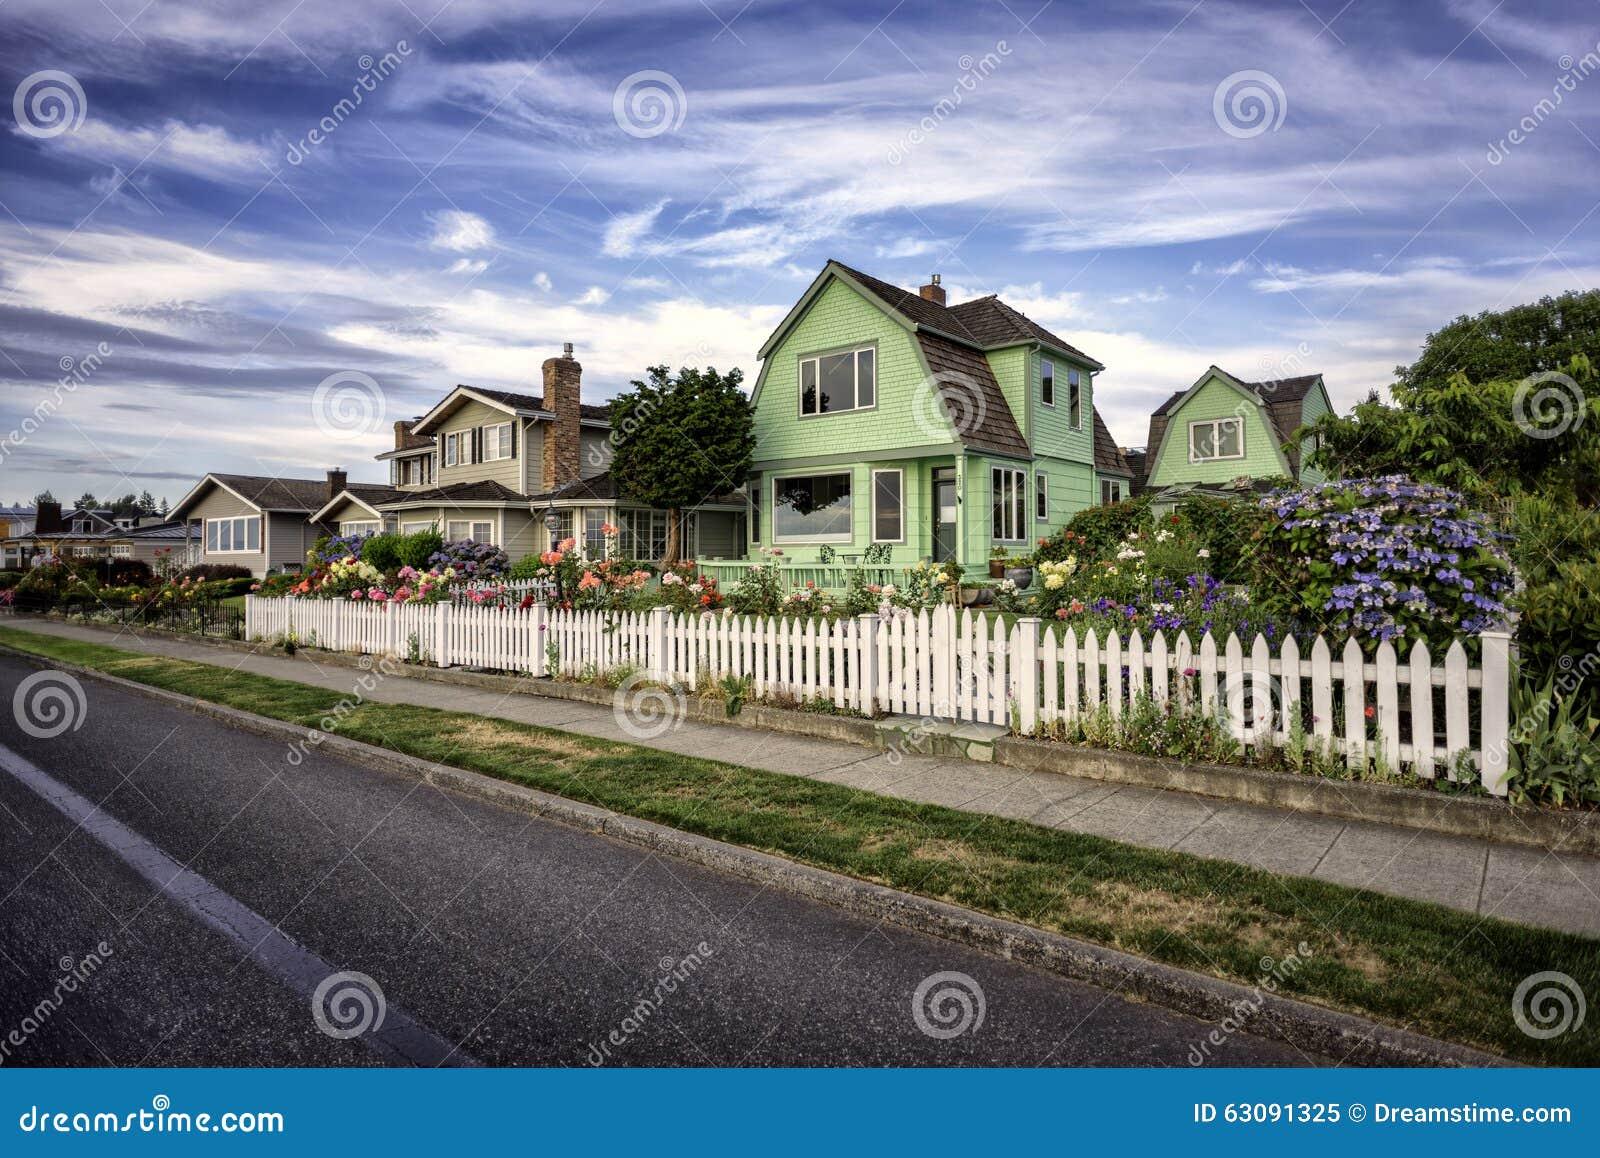 Download Maisons de plage image stock. Image du frais, gentil - 63091325